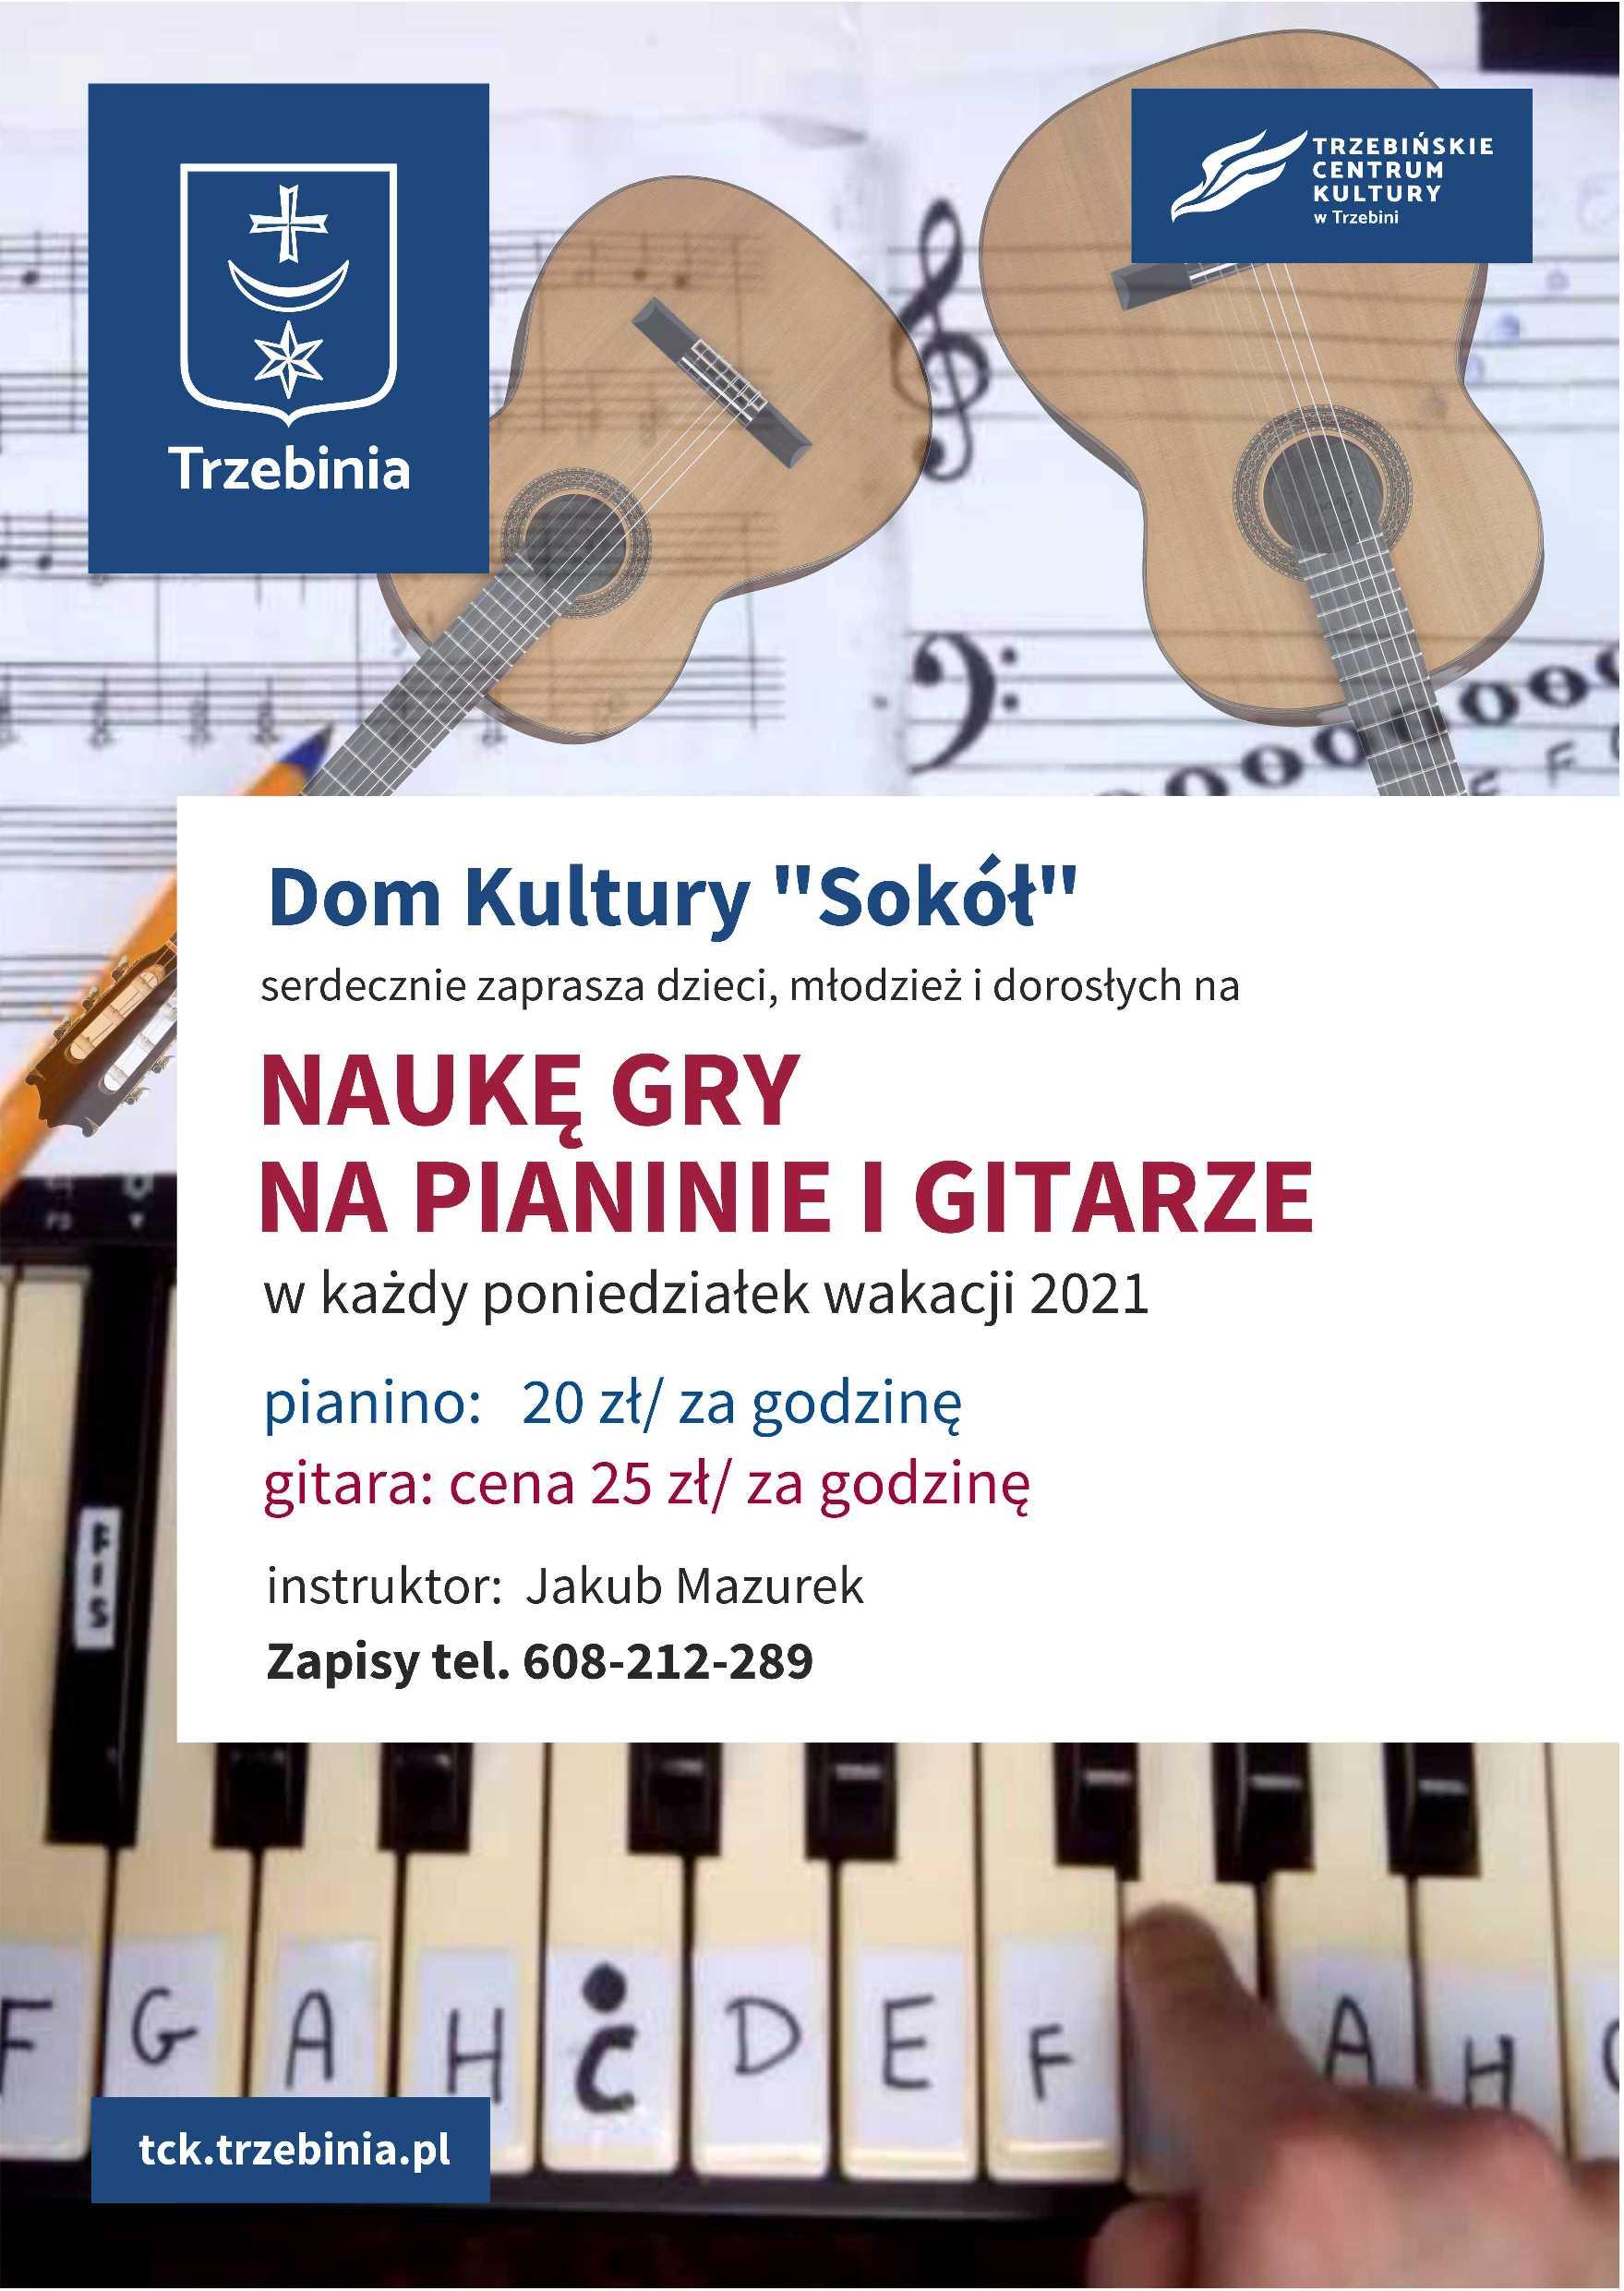 plakat naukagry pianino gitara